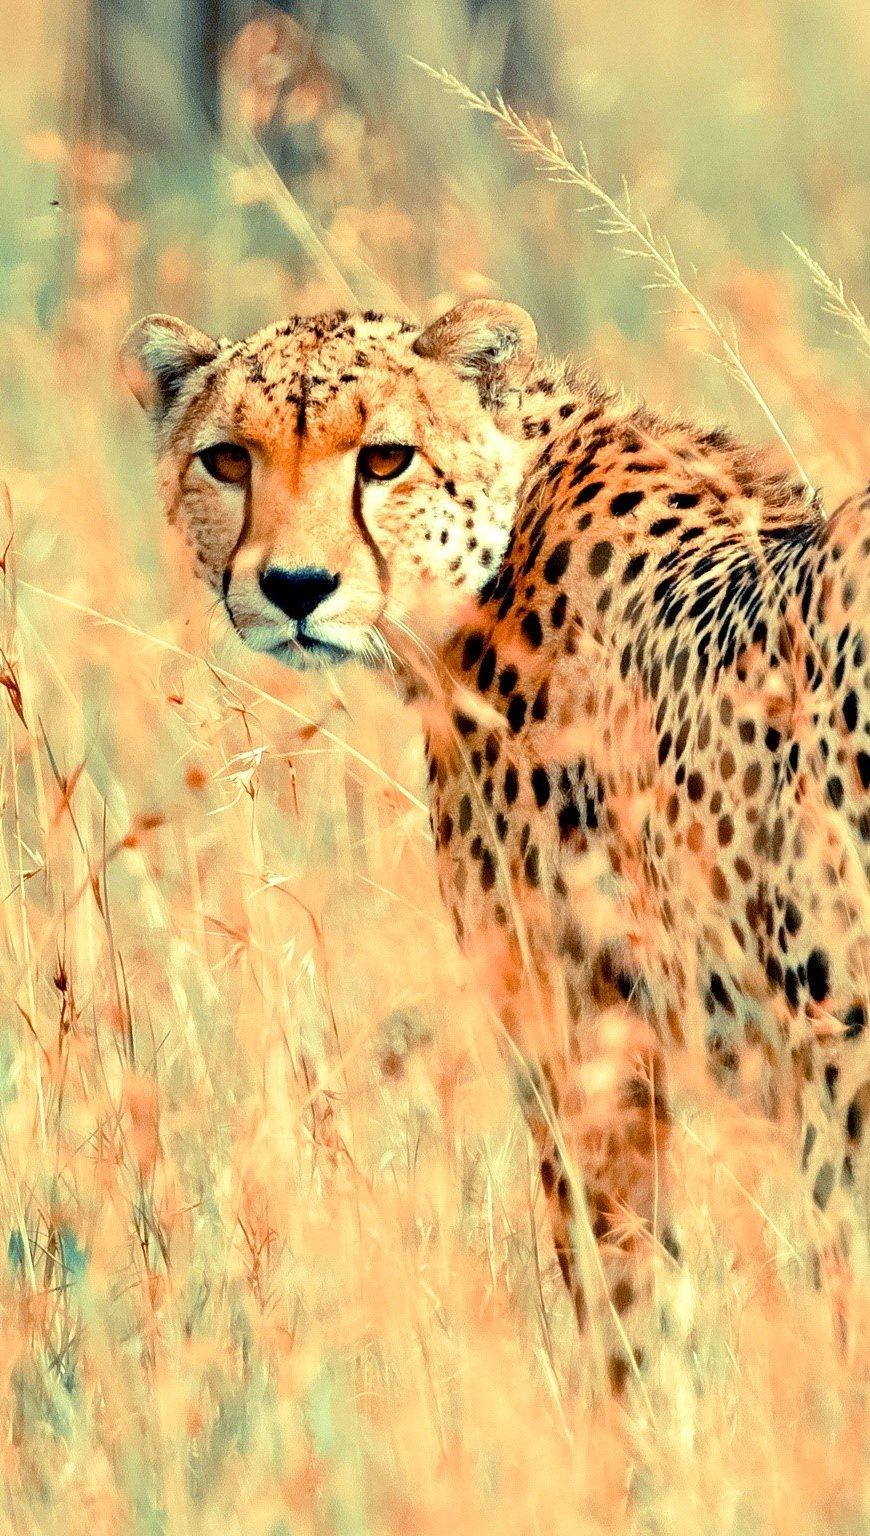 Wallpaper Beautiful Cheetah Vertical